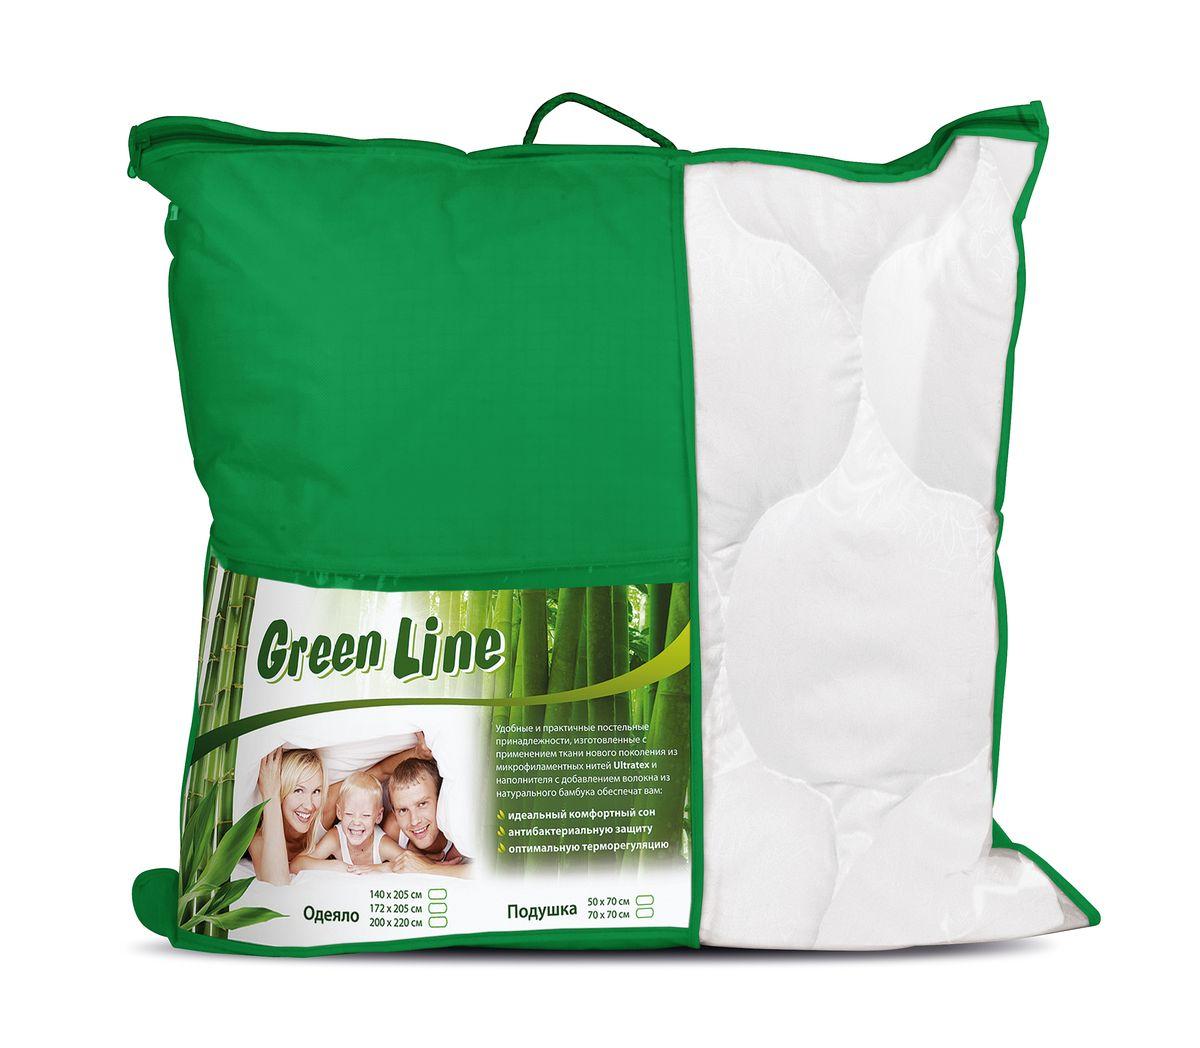 Подушка Verossa Green Line, наполнитель: бамбуковое волокно, 70 х 70 см подушка green line лен наполнитель льняное волокно 70 х 70 см